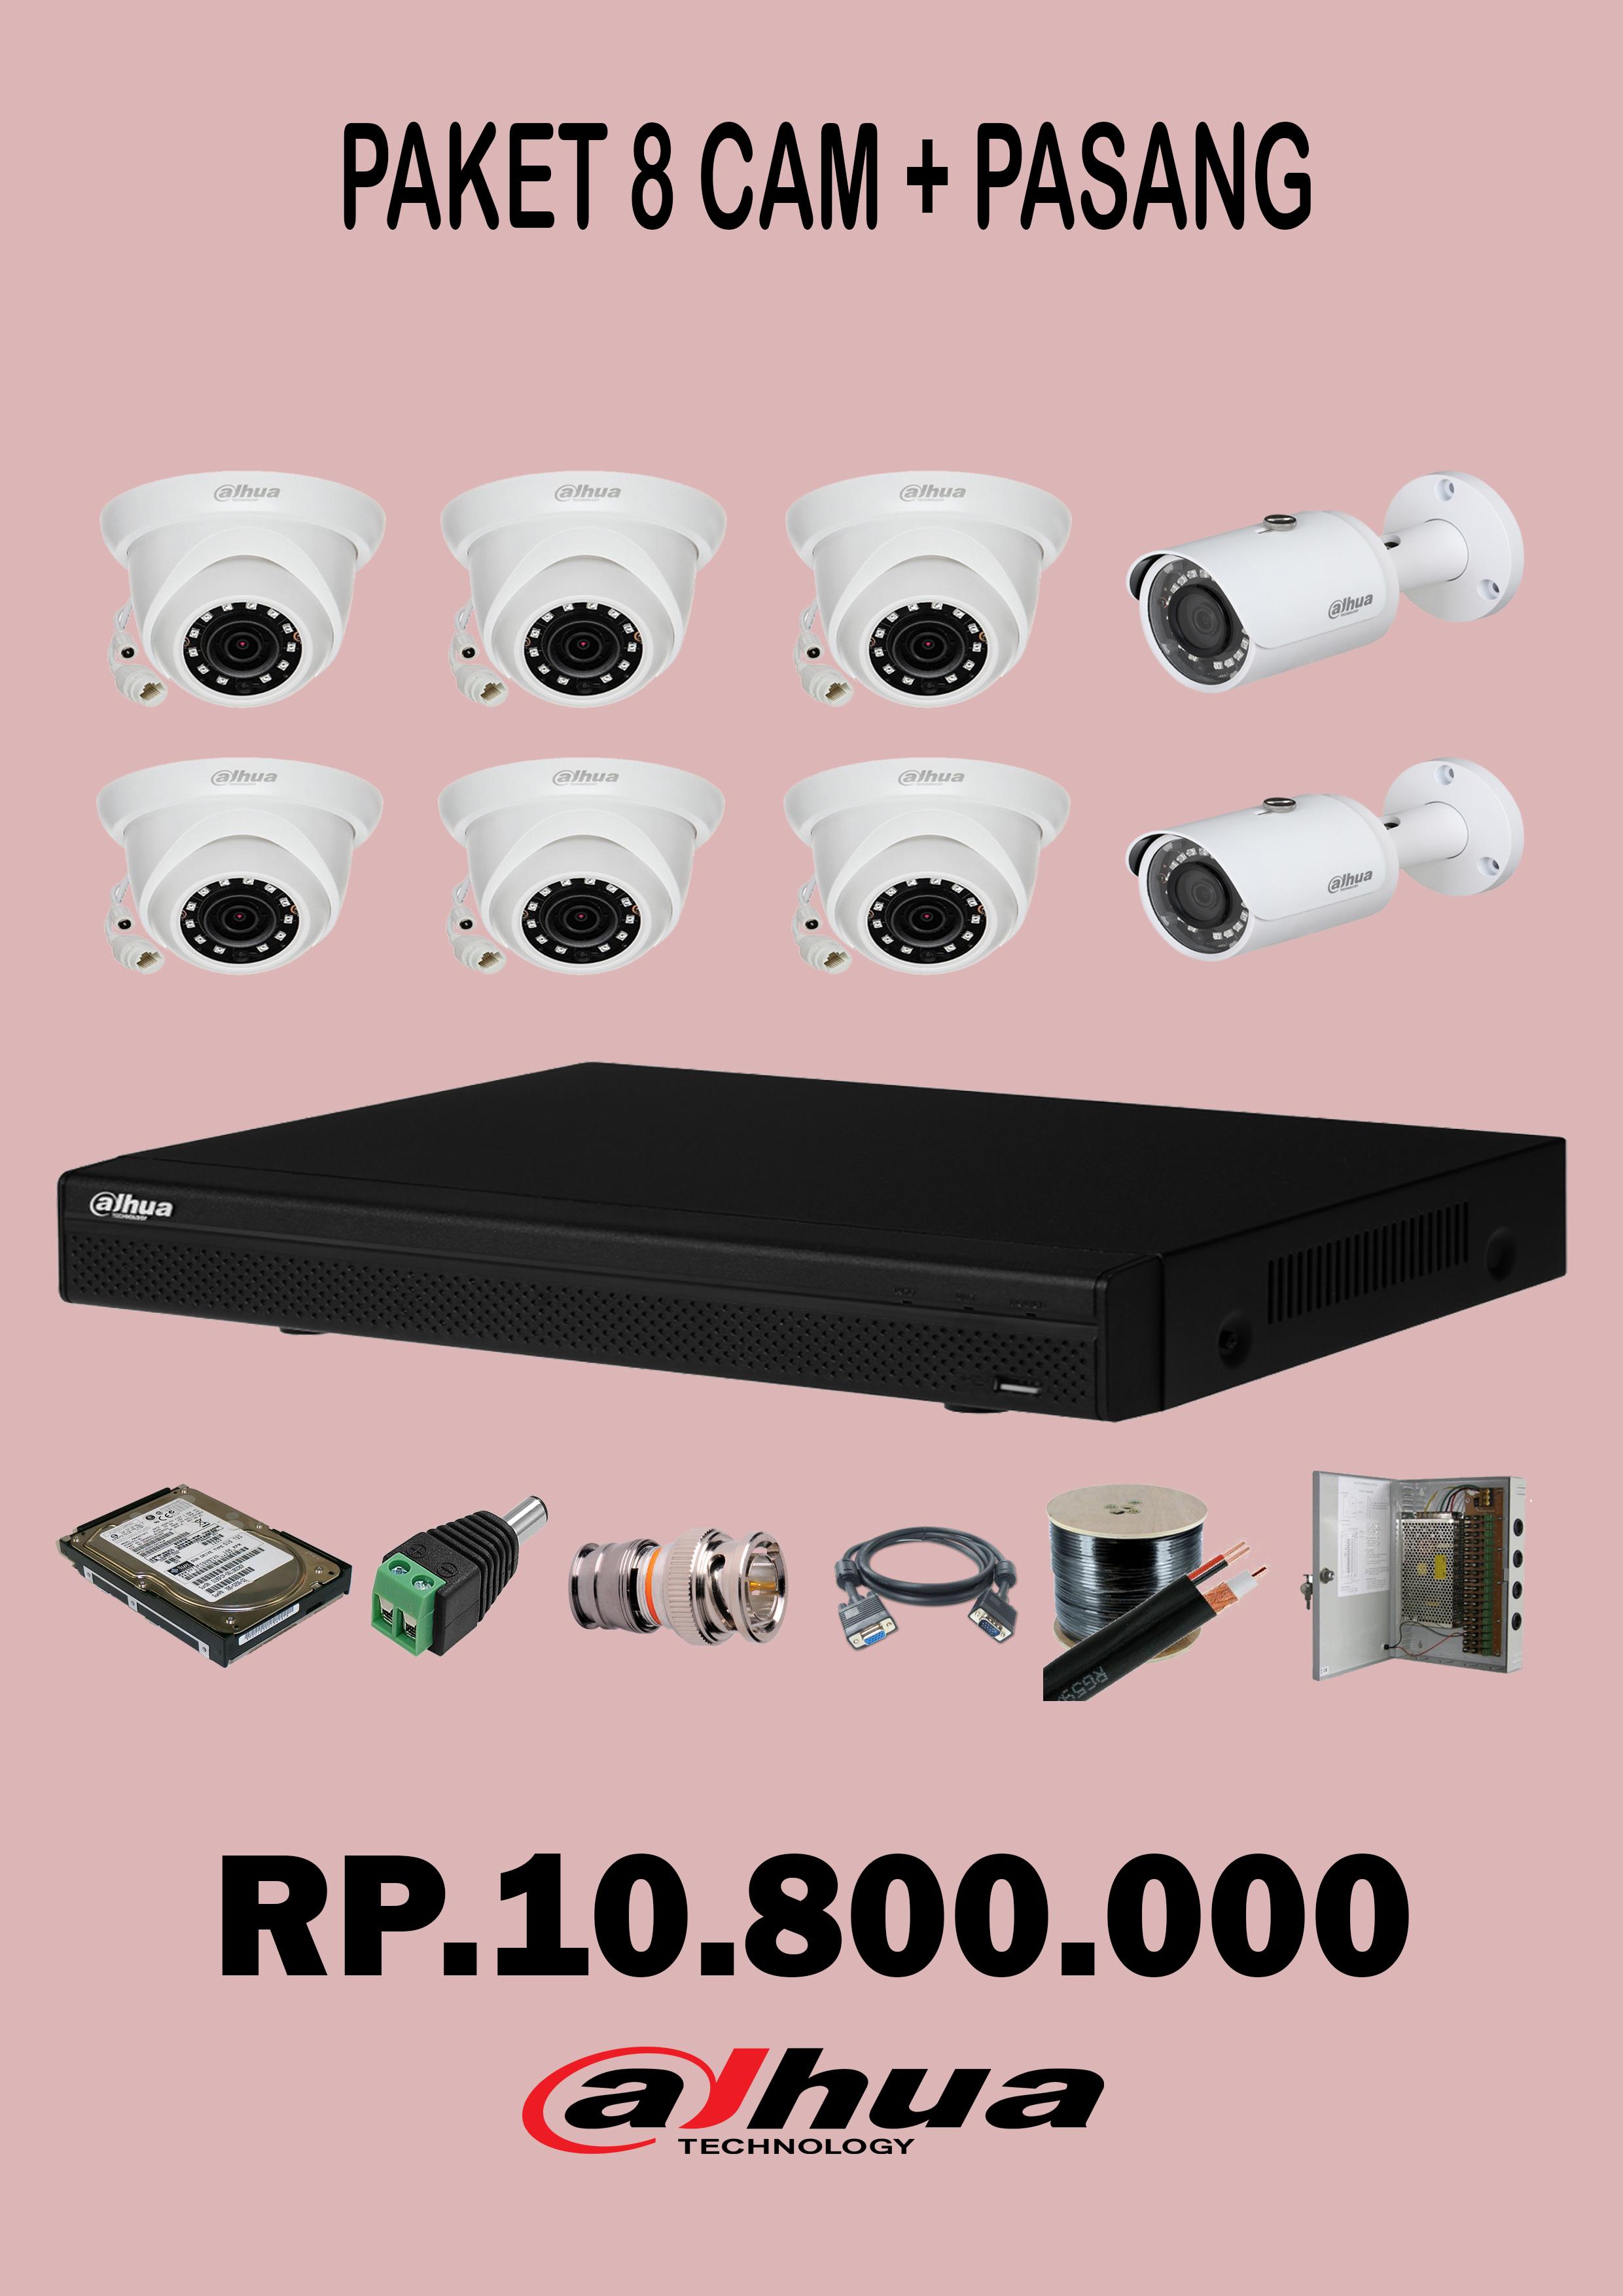 Paket 8 Camera CCTV 2Mp + pasang